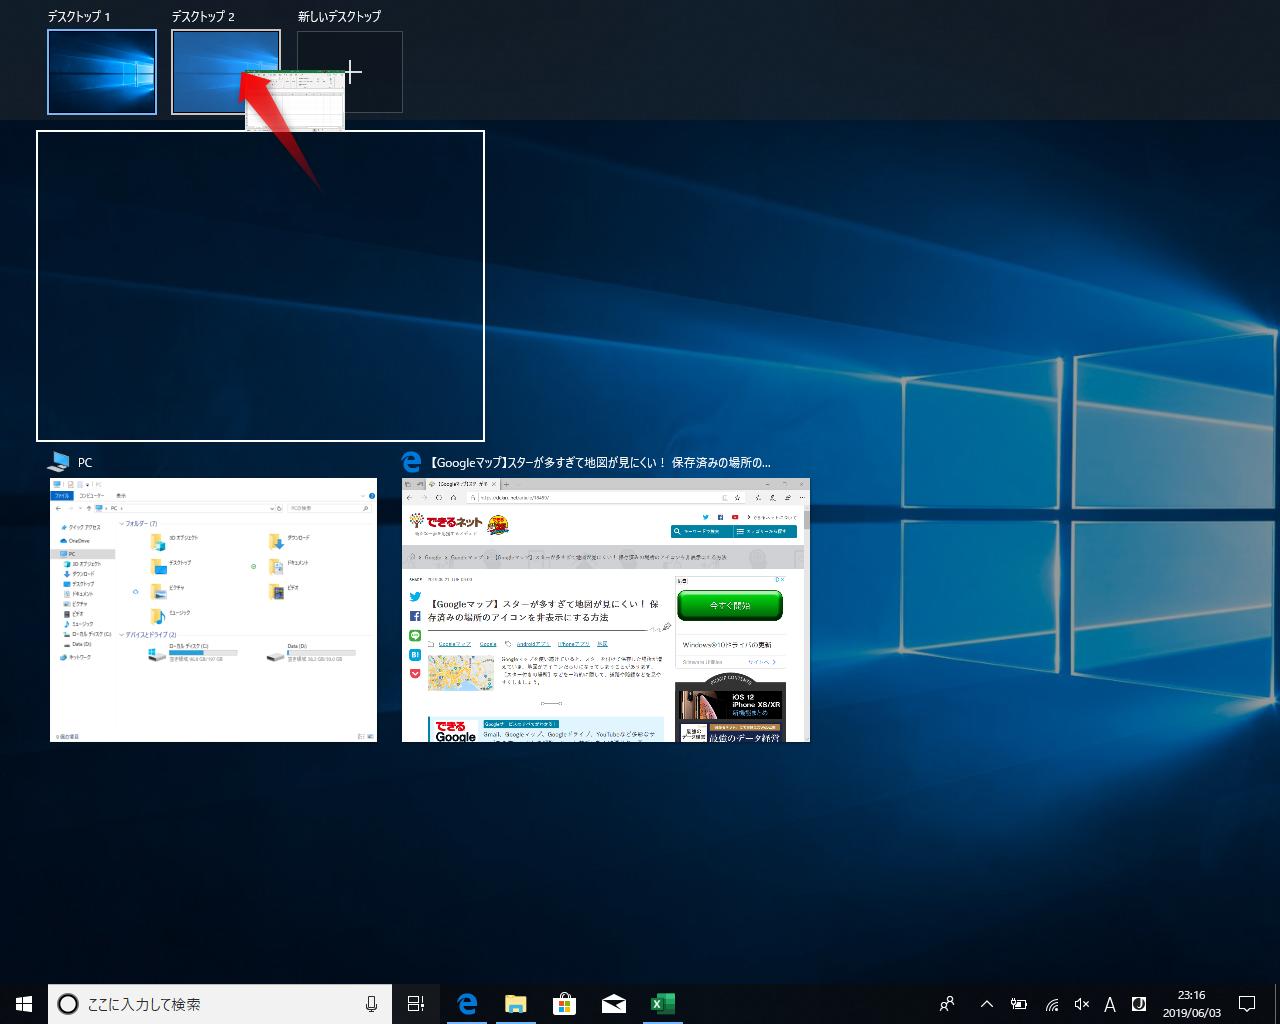 【Windows Tips】仮想デスクトップの使い方。狭いディスプレイでも仕事がしやすくなる!